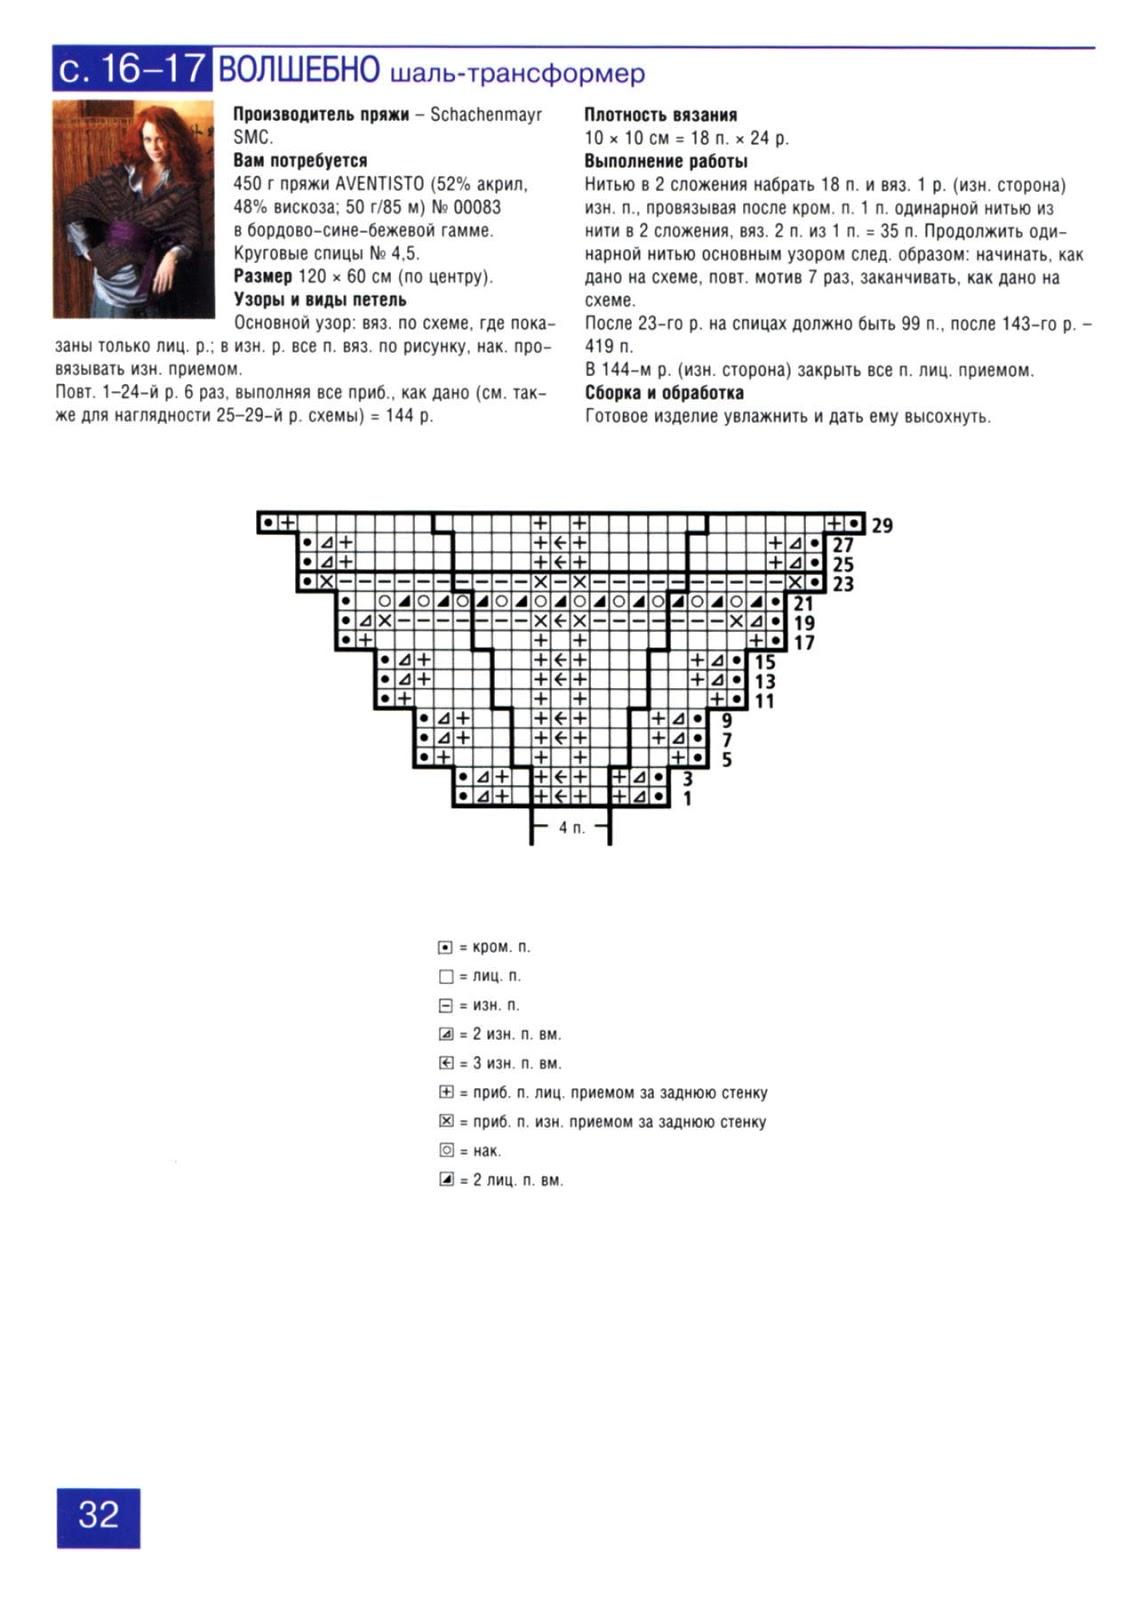 Схема шали трансформера